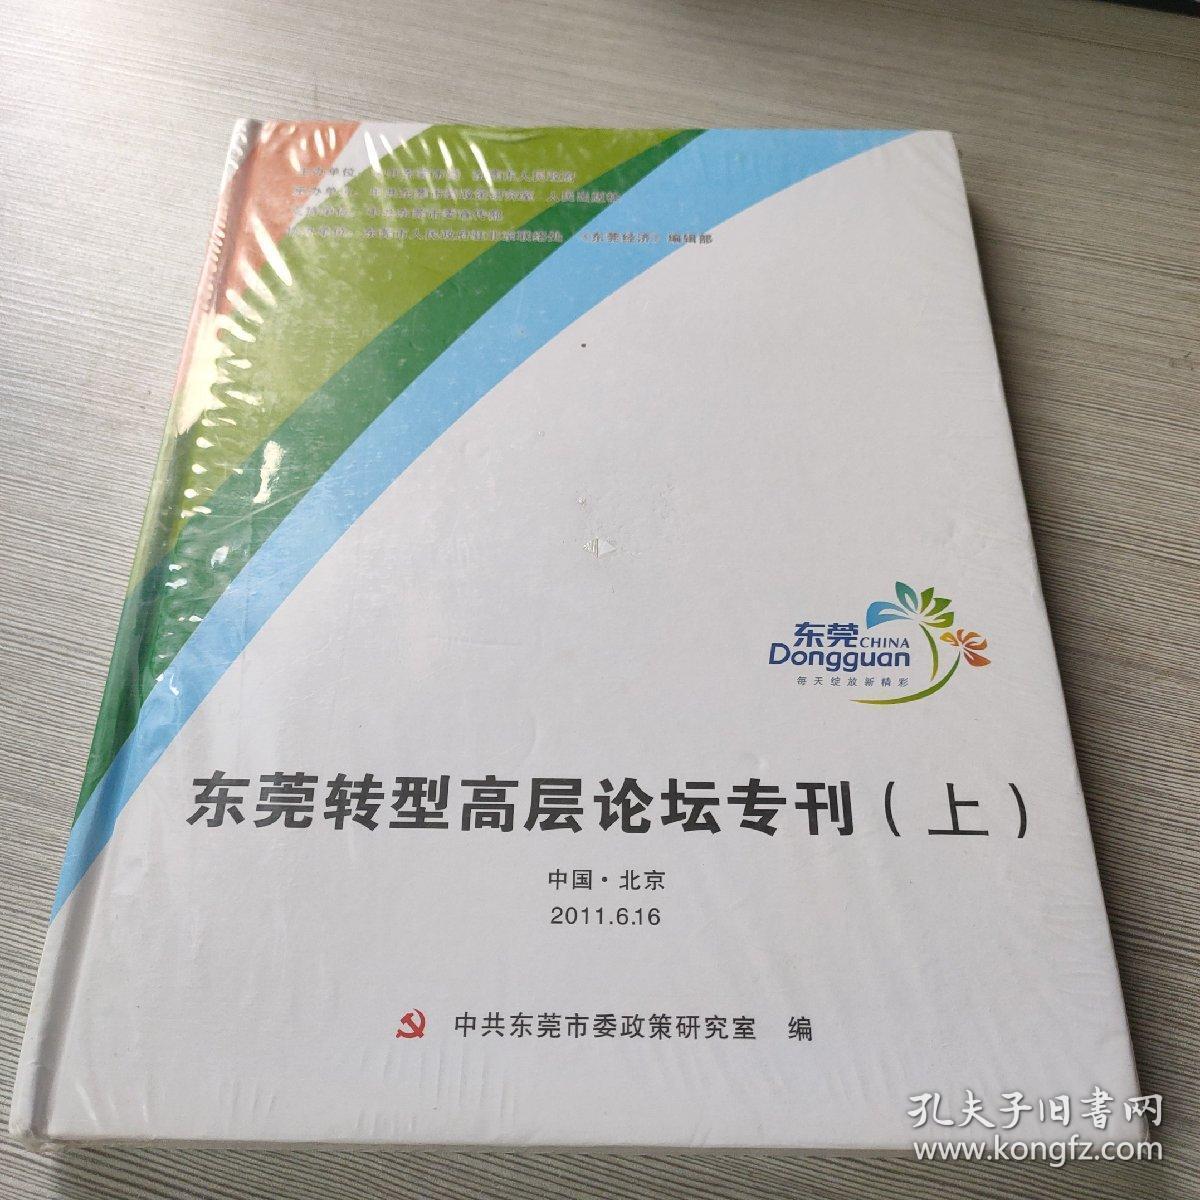 东莞转型高层论坛专刊